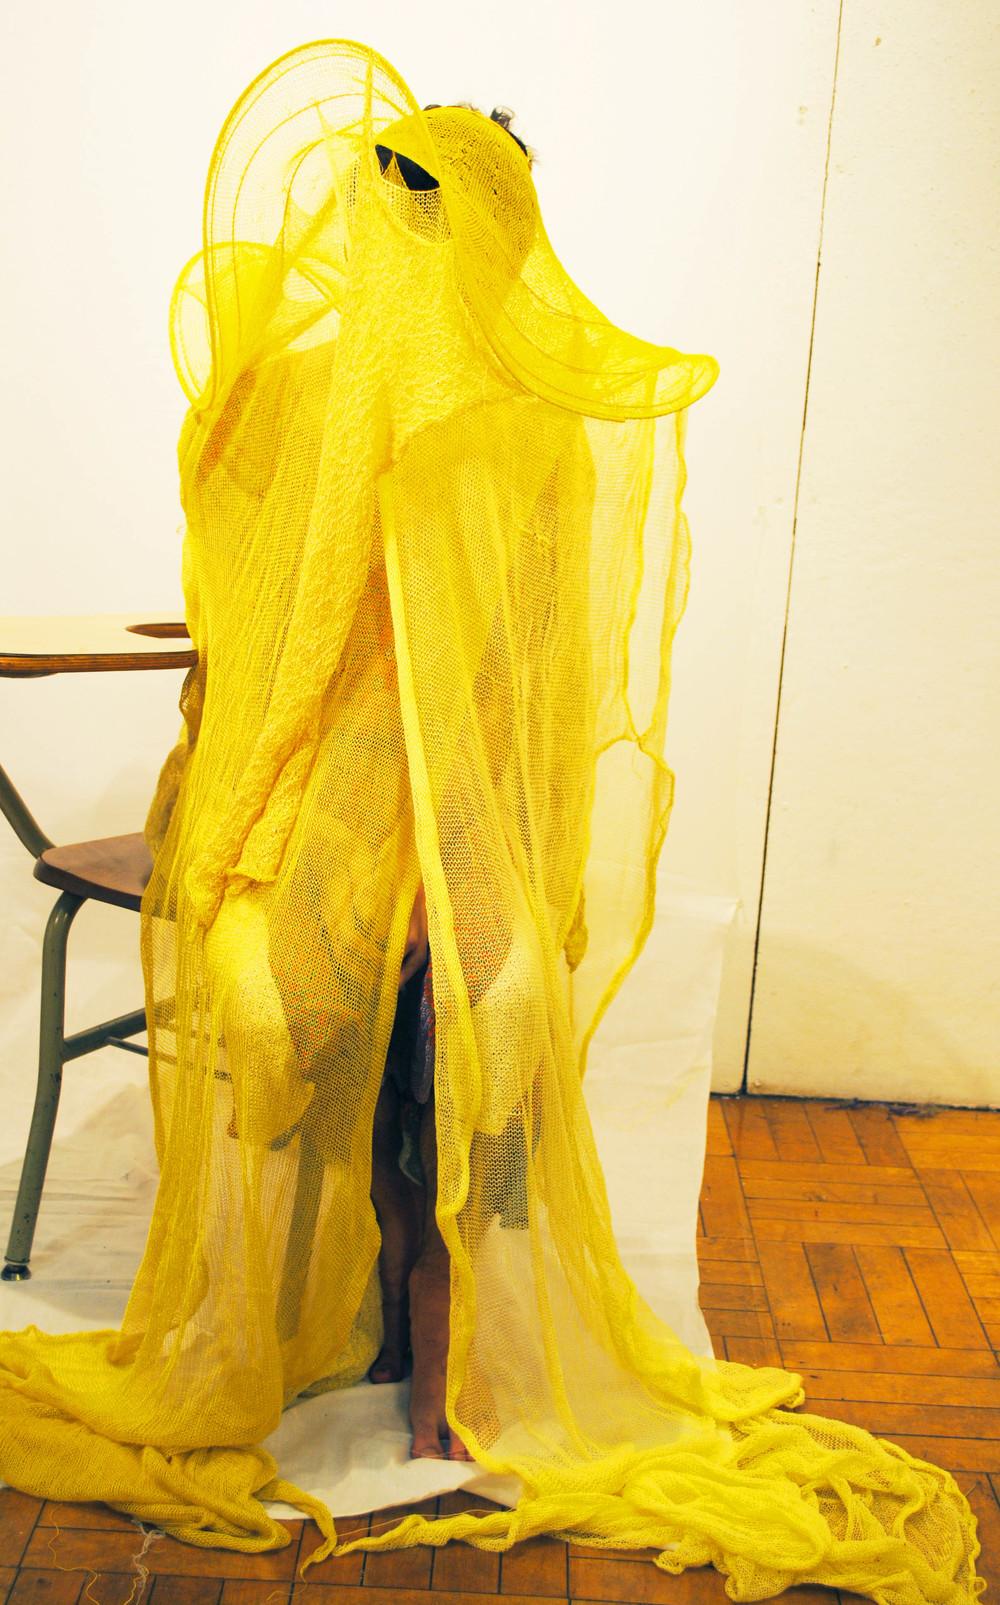 YellowHat3.jpg